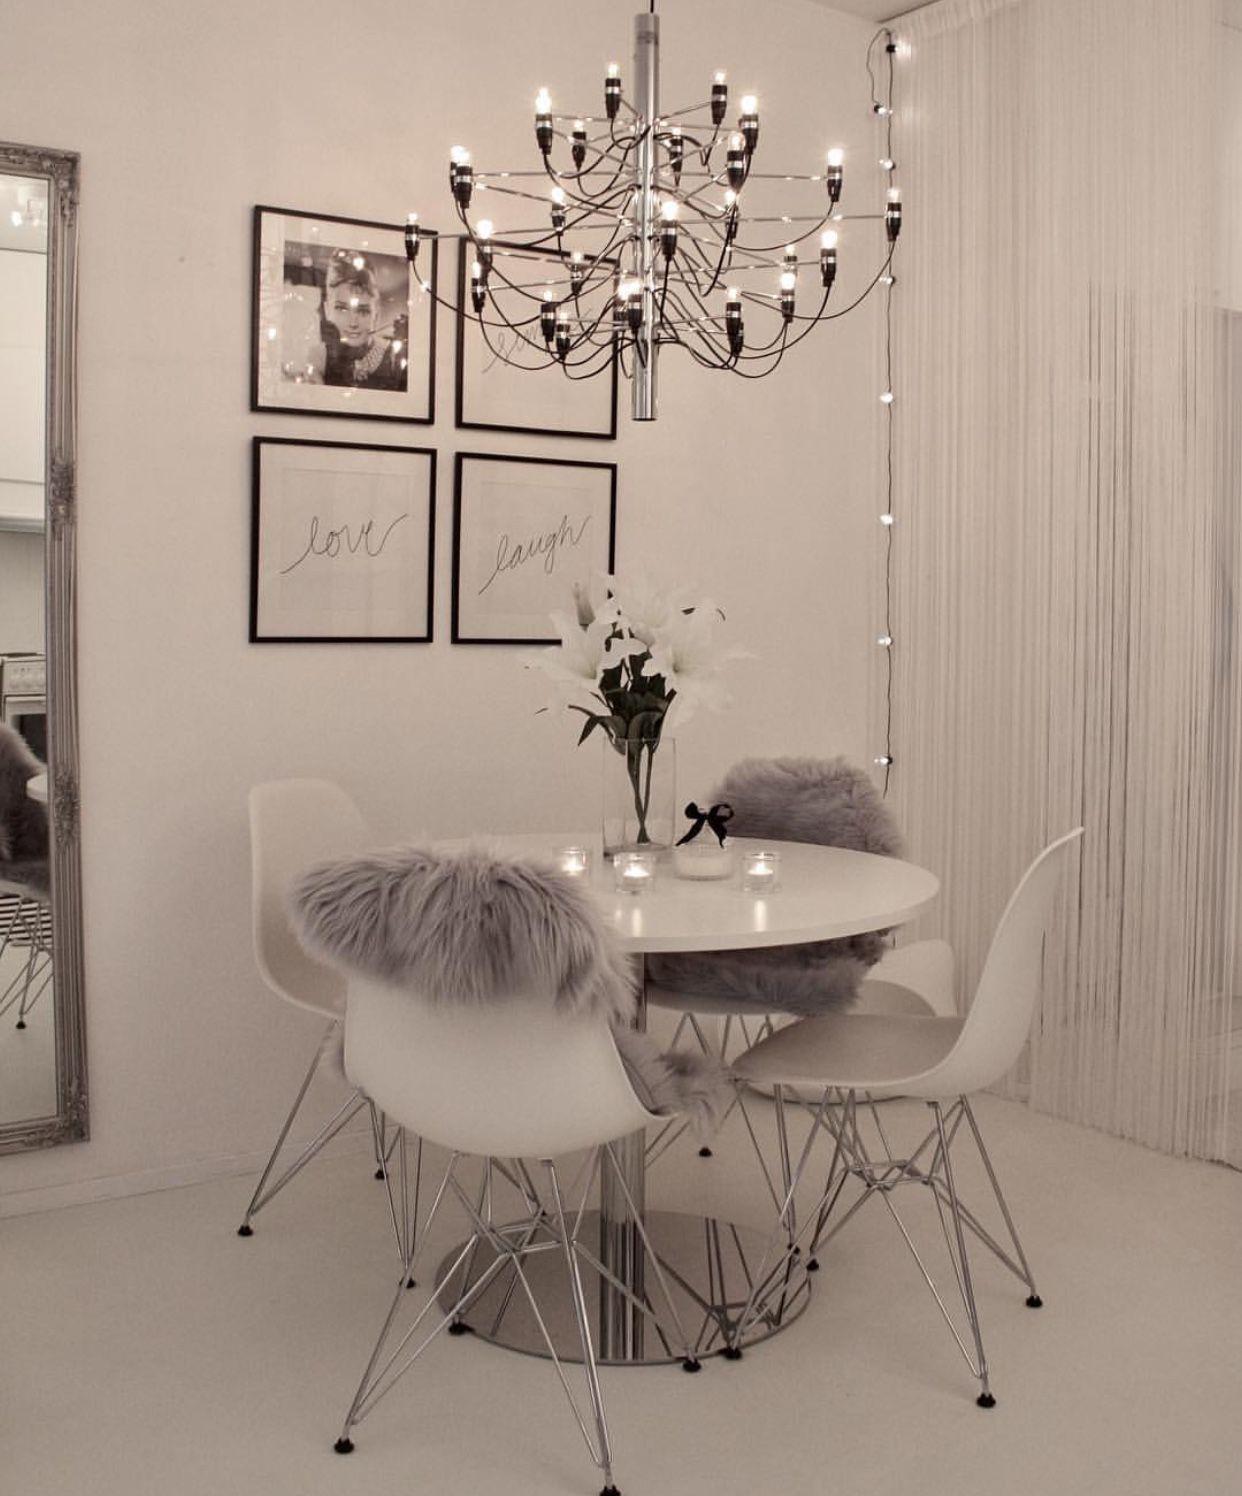 Instagram Via Johanna With Images Home Decor Living Room